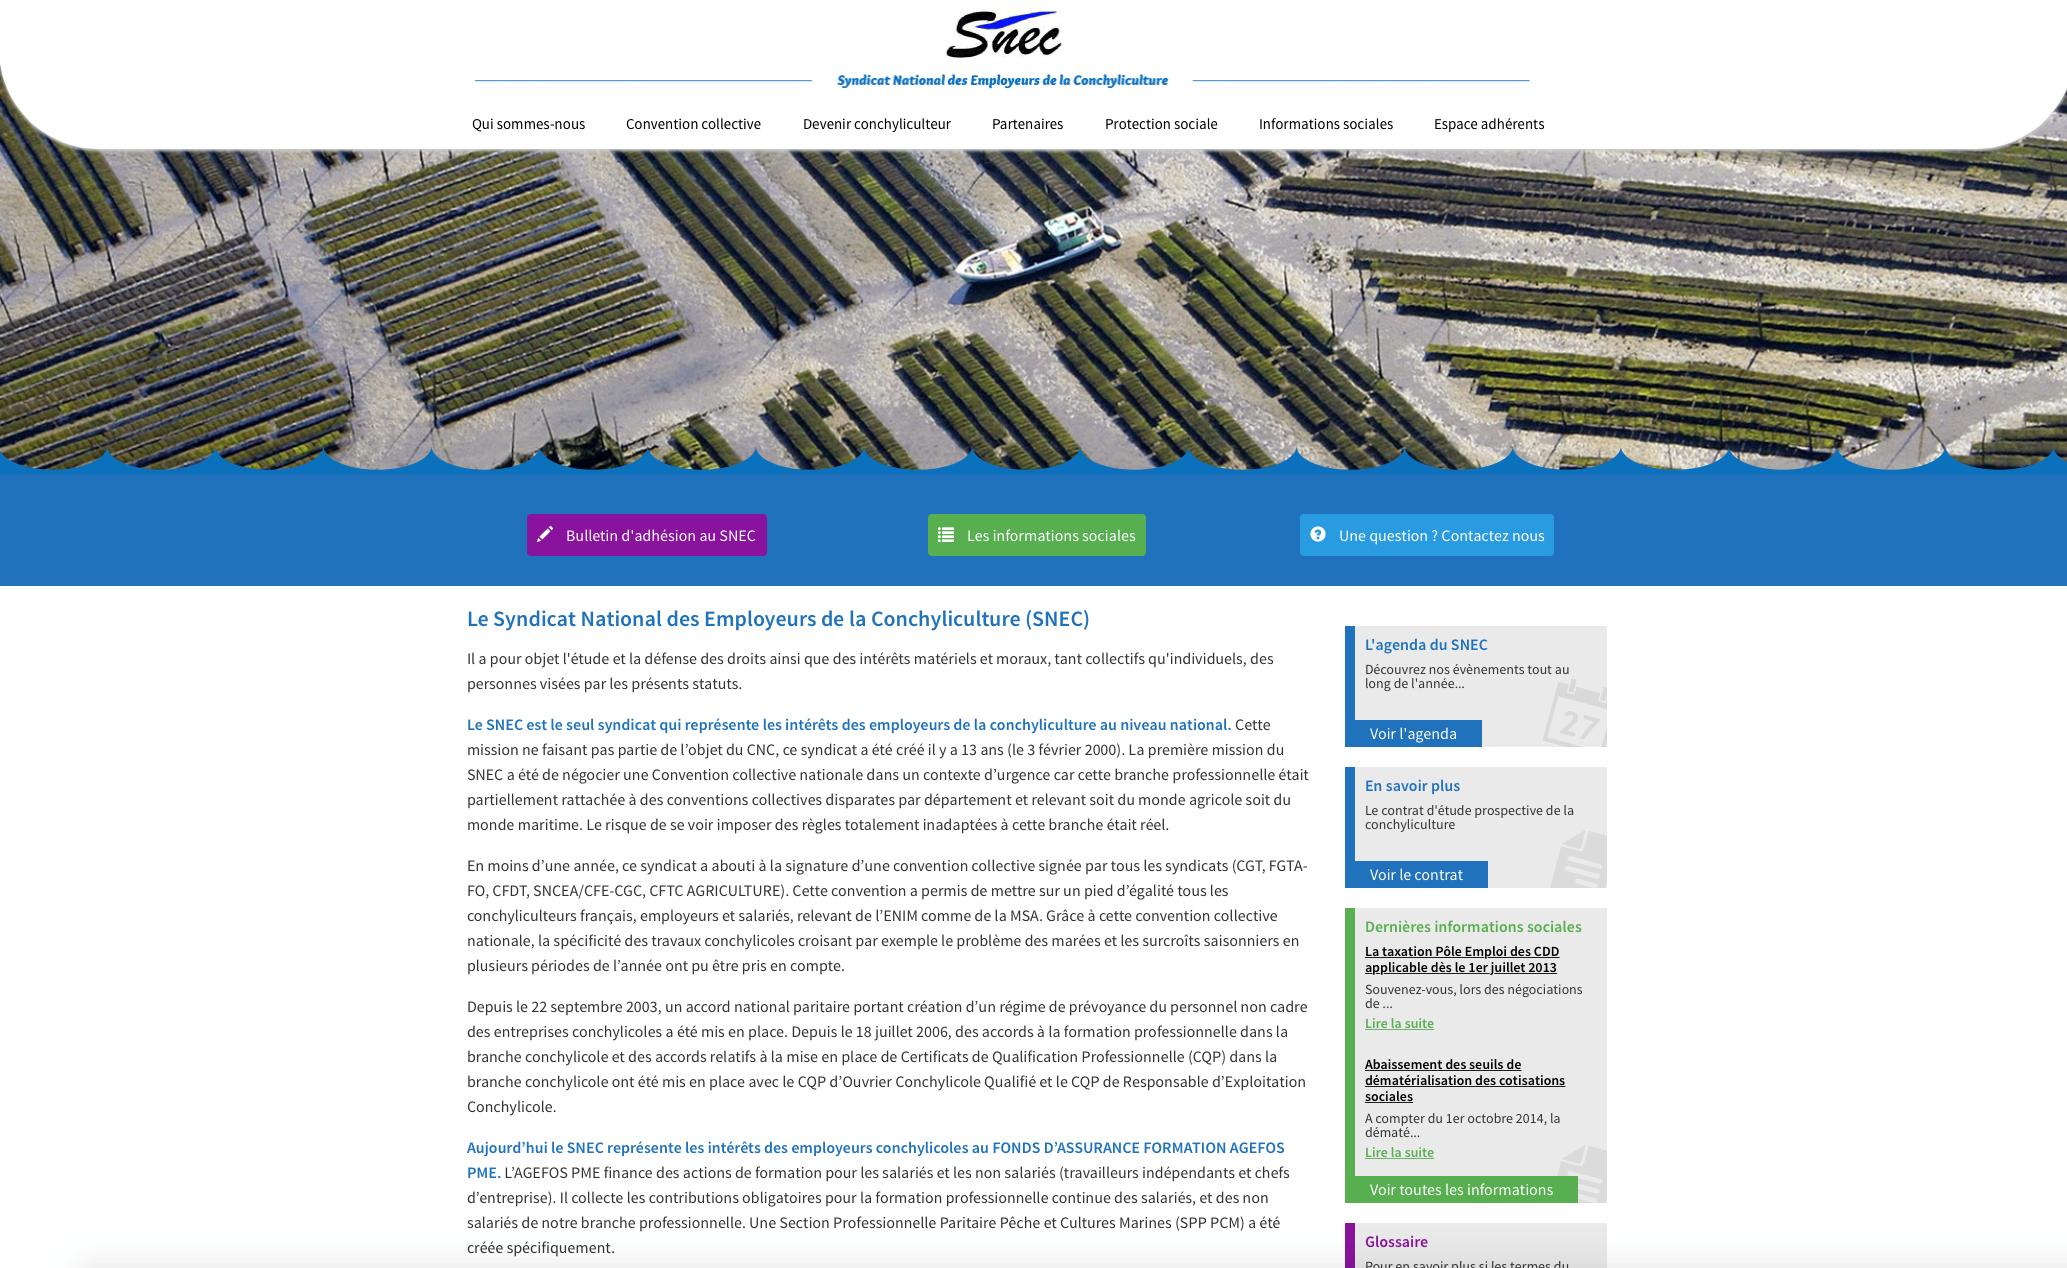 Site Administrable du SNEC